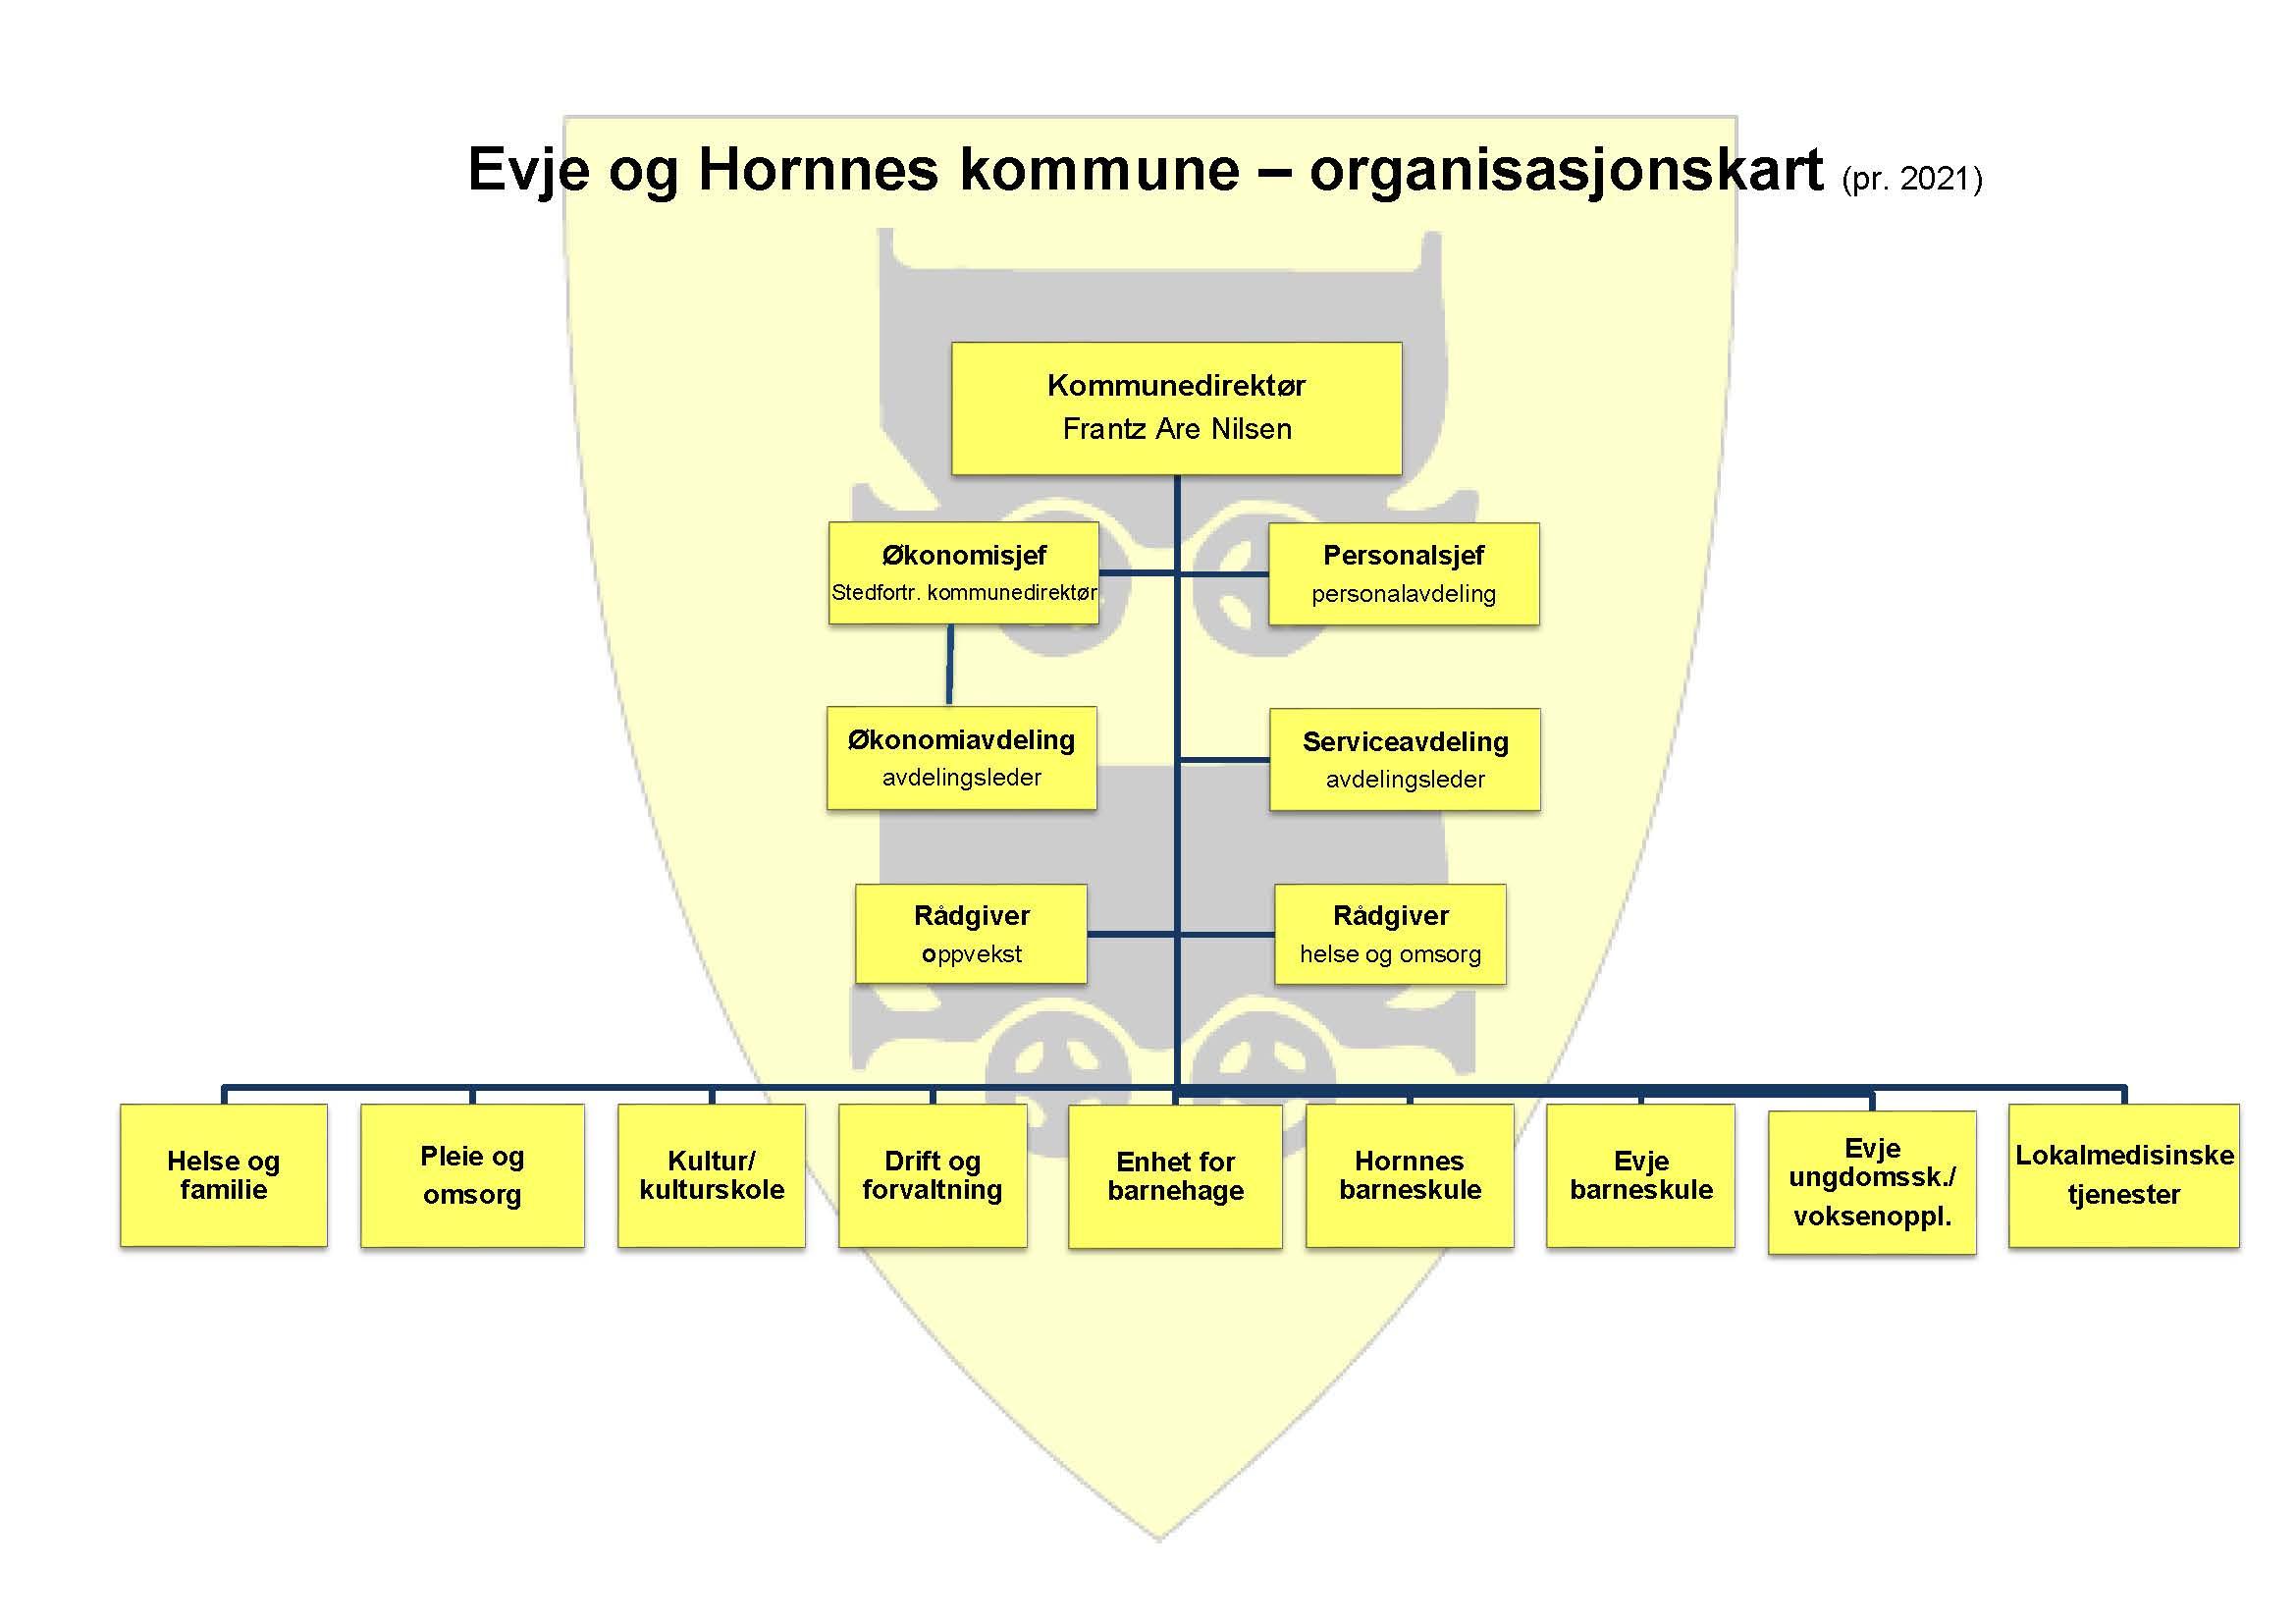 Organisasjonskart 2021.jpg